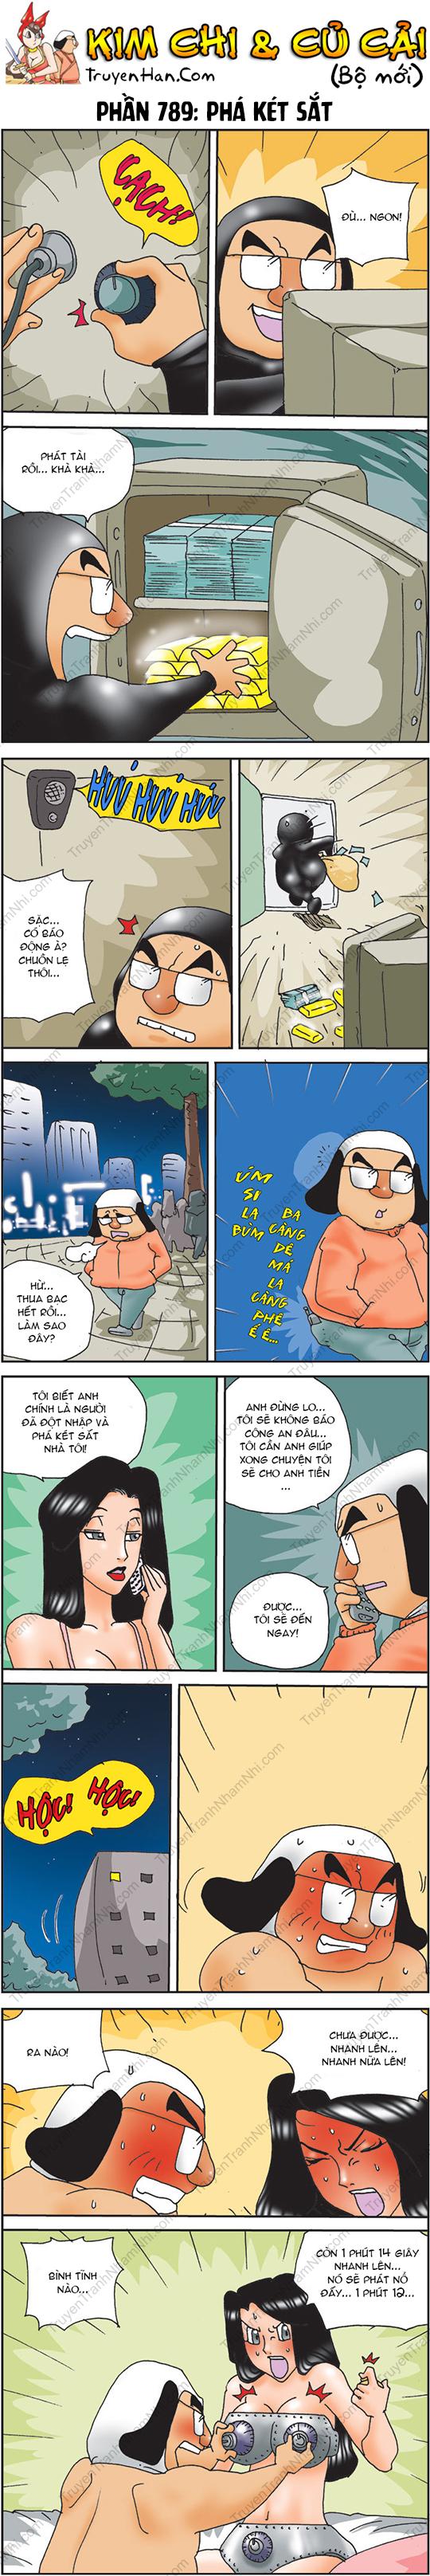 Kim Chi Và Củ Cải Phần 789: Phá két sắt